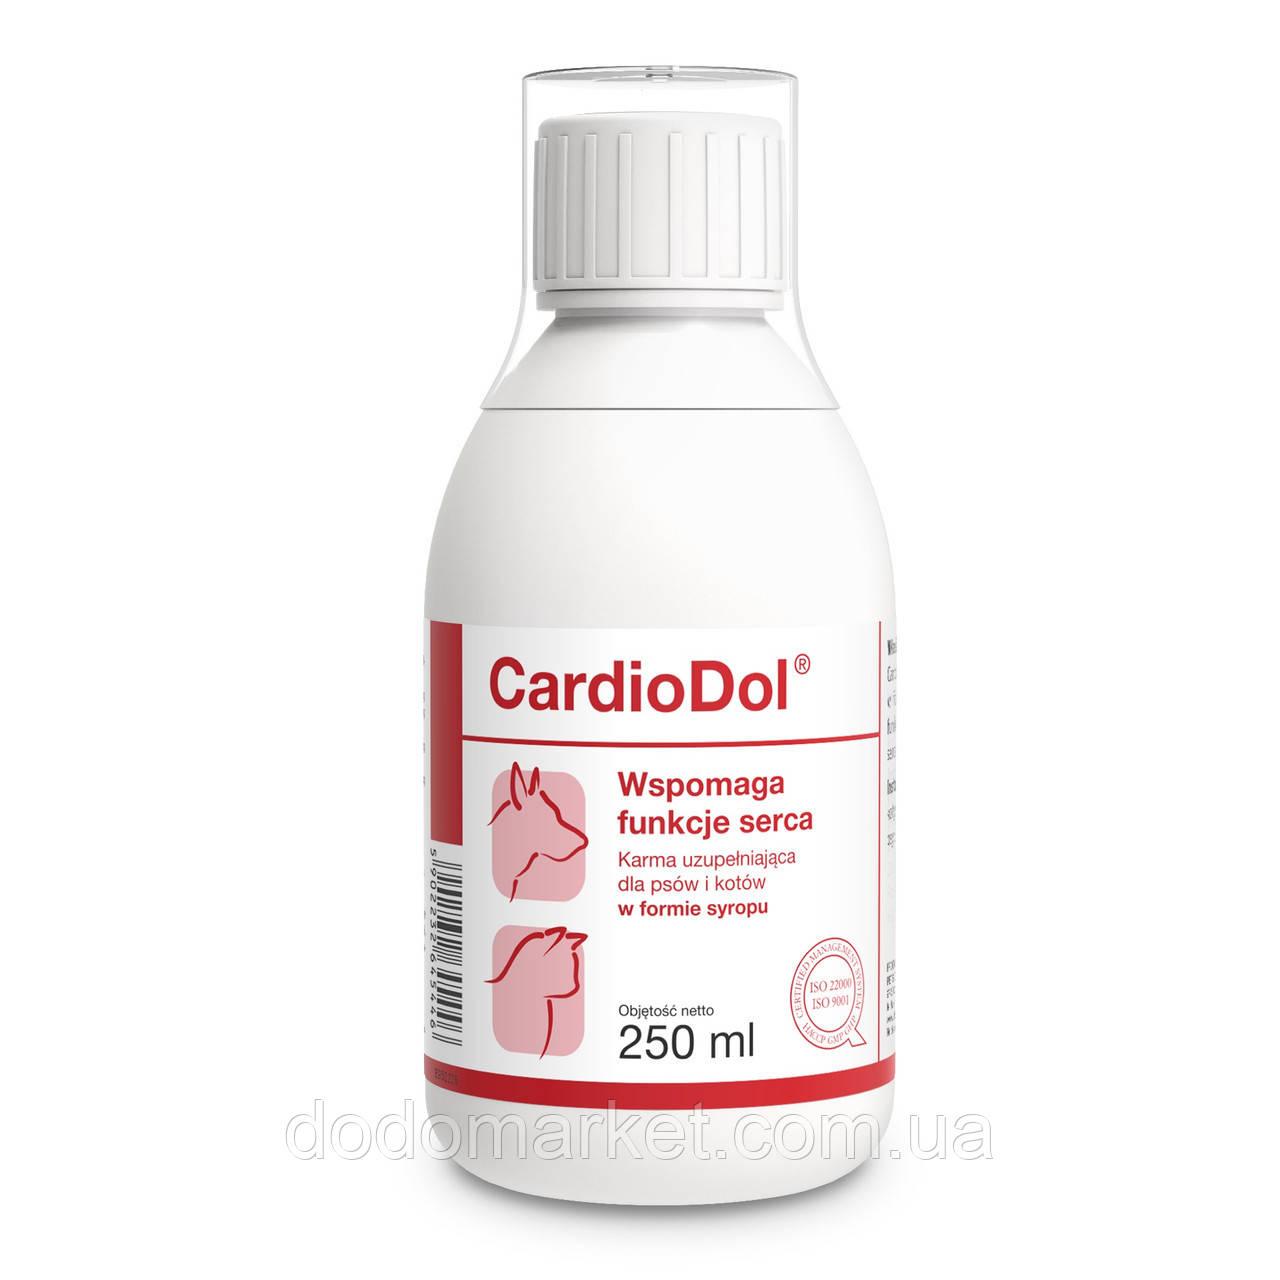 Сироп для поддержания работы сердца у кошек и собак Dolfos CardioDol 250 мл